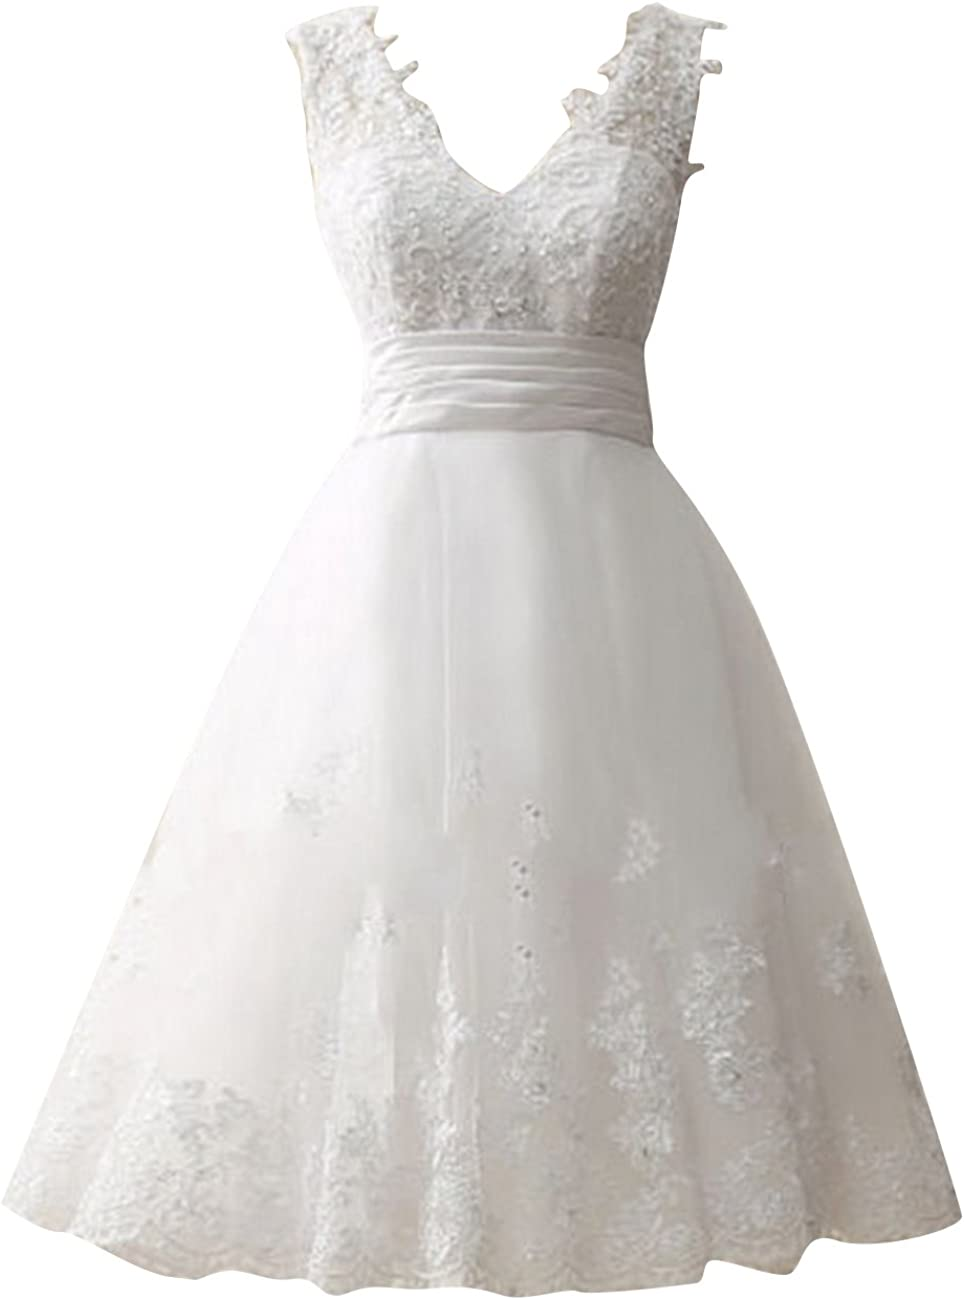 Brautkleid Kurz Hochzeitskleider Damen T/üll Spitze Brautmode V-Ausschnitt A Linie